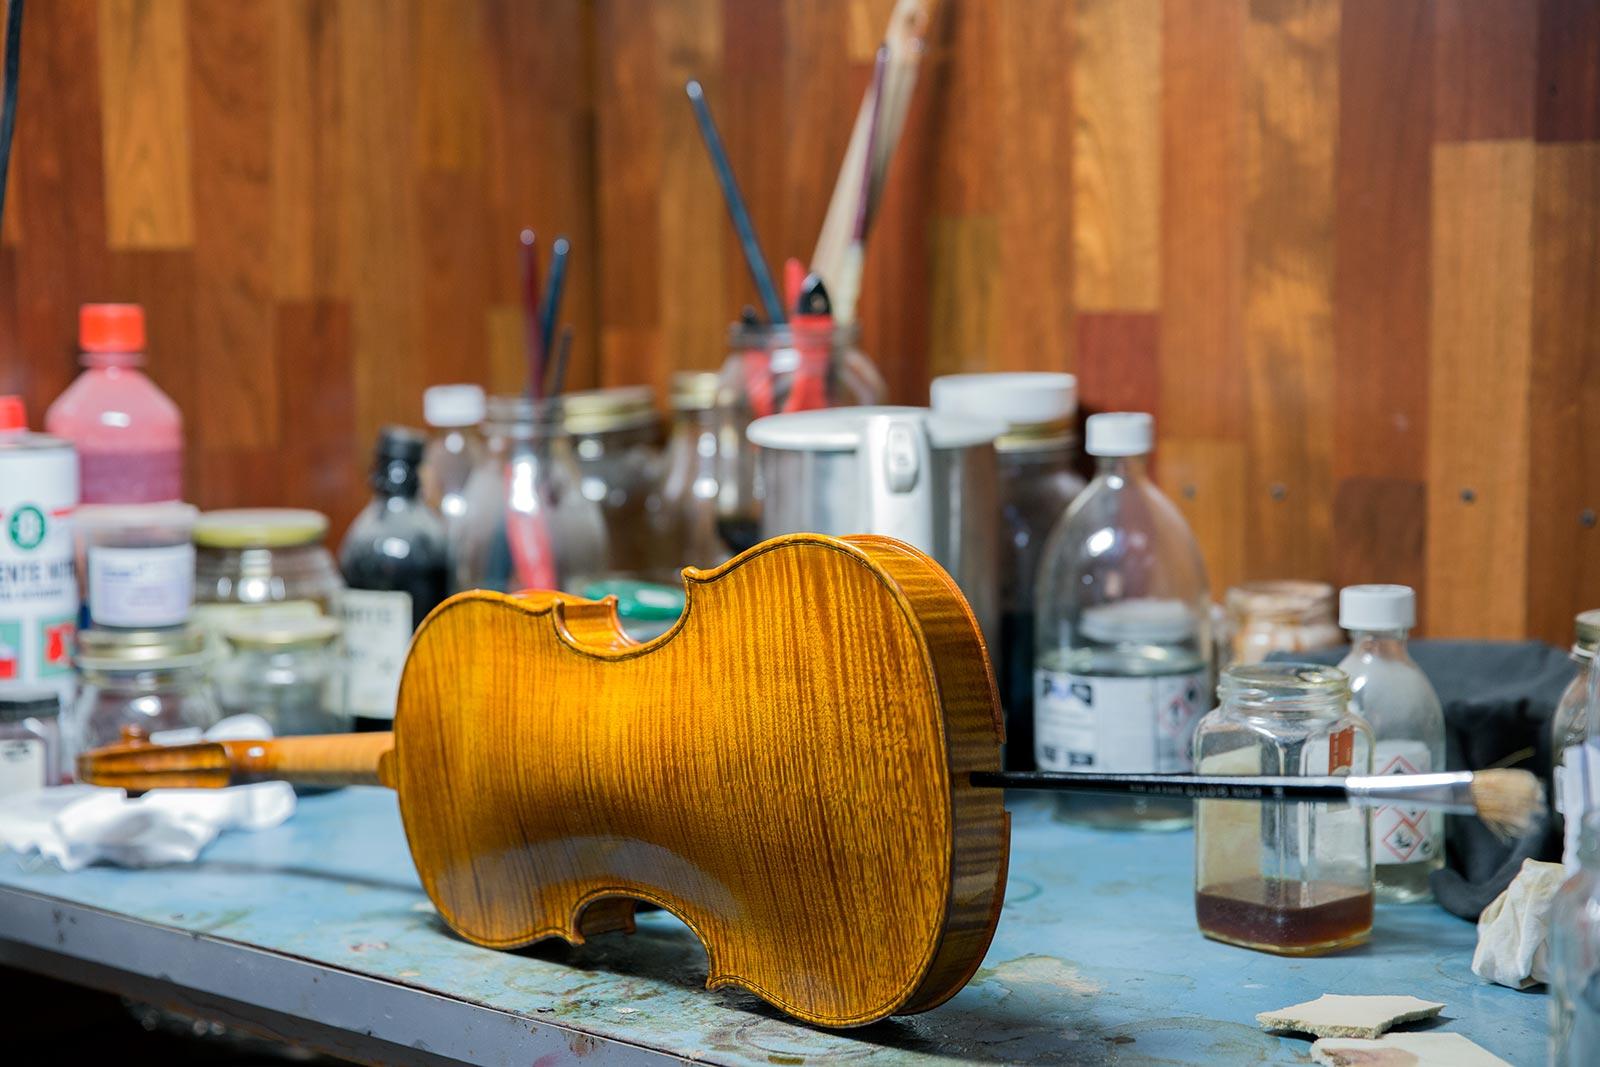 Liuteria Milano: Retro Violino Realizzazione